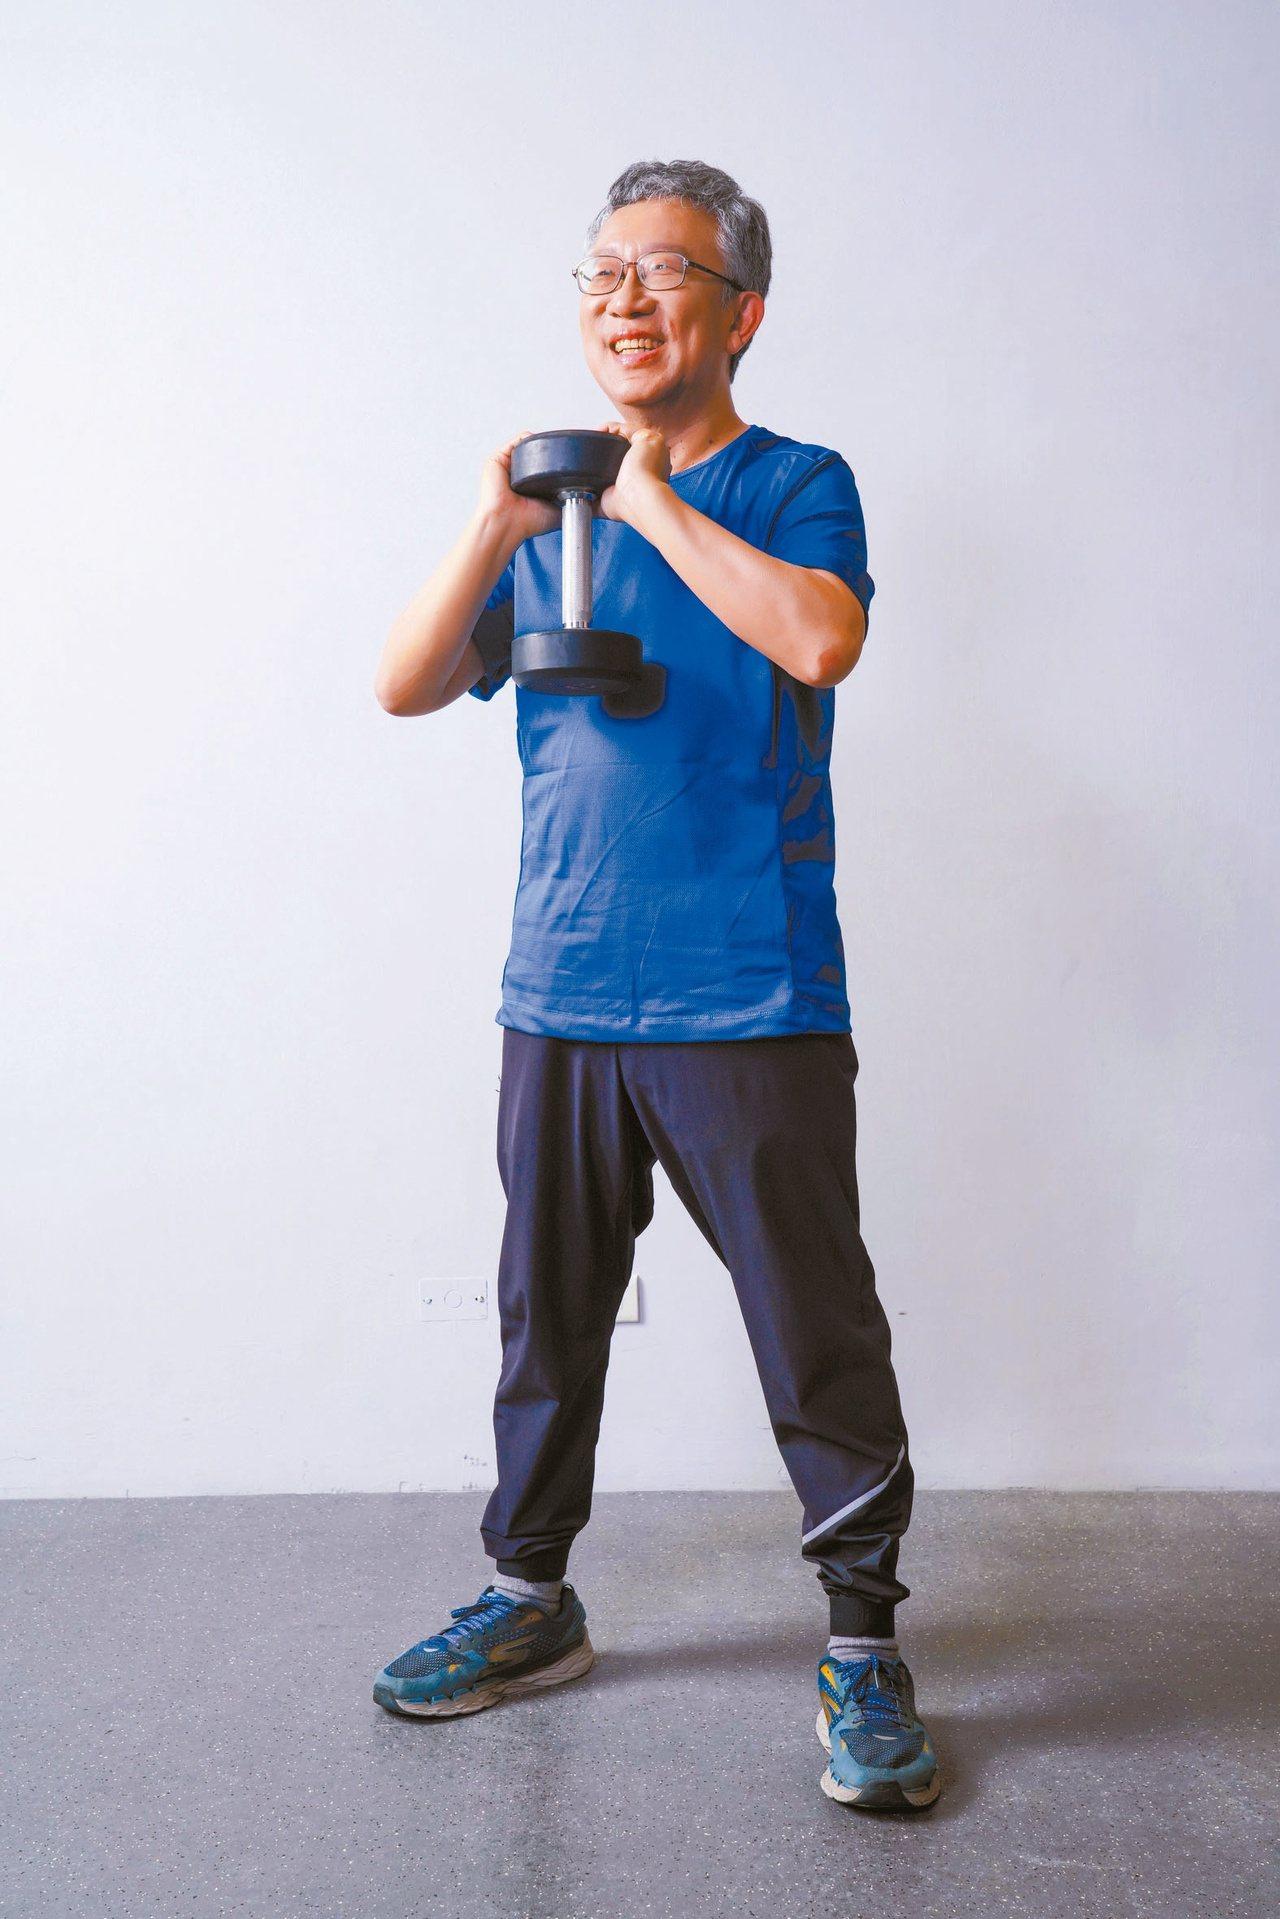 施昇輝持續重訓,擺脫五十肩困擾。圖/采實文化提供